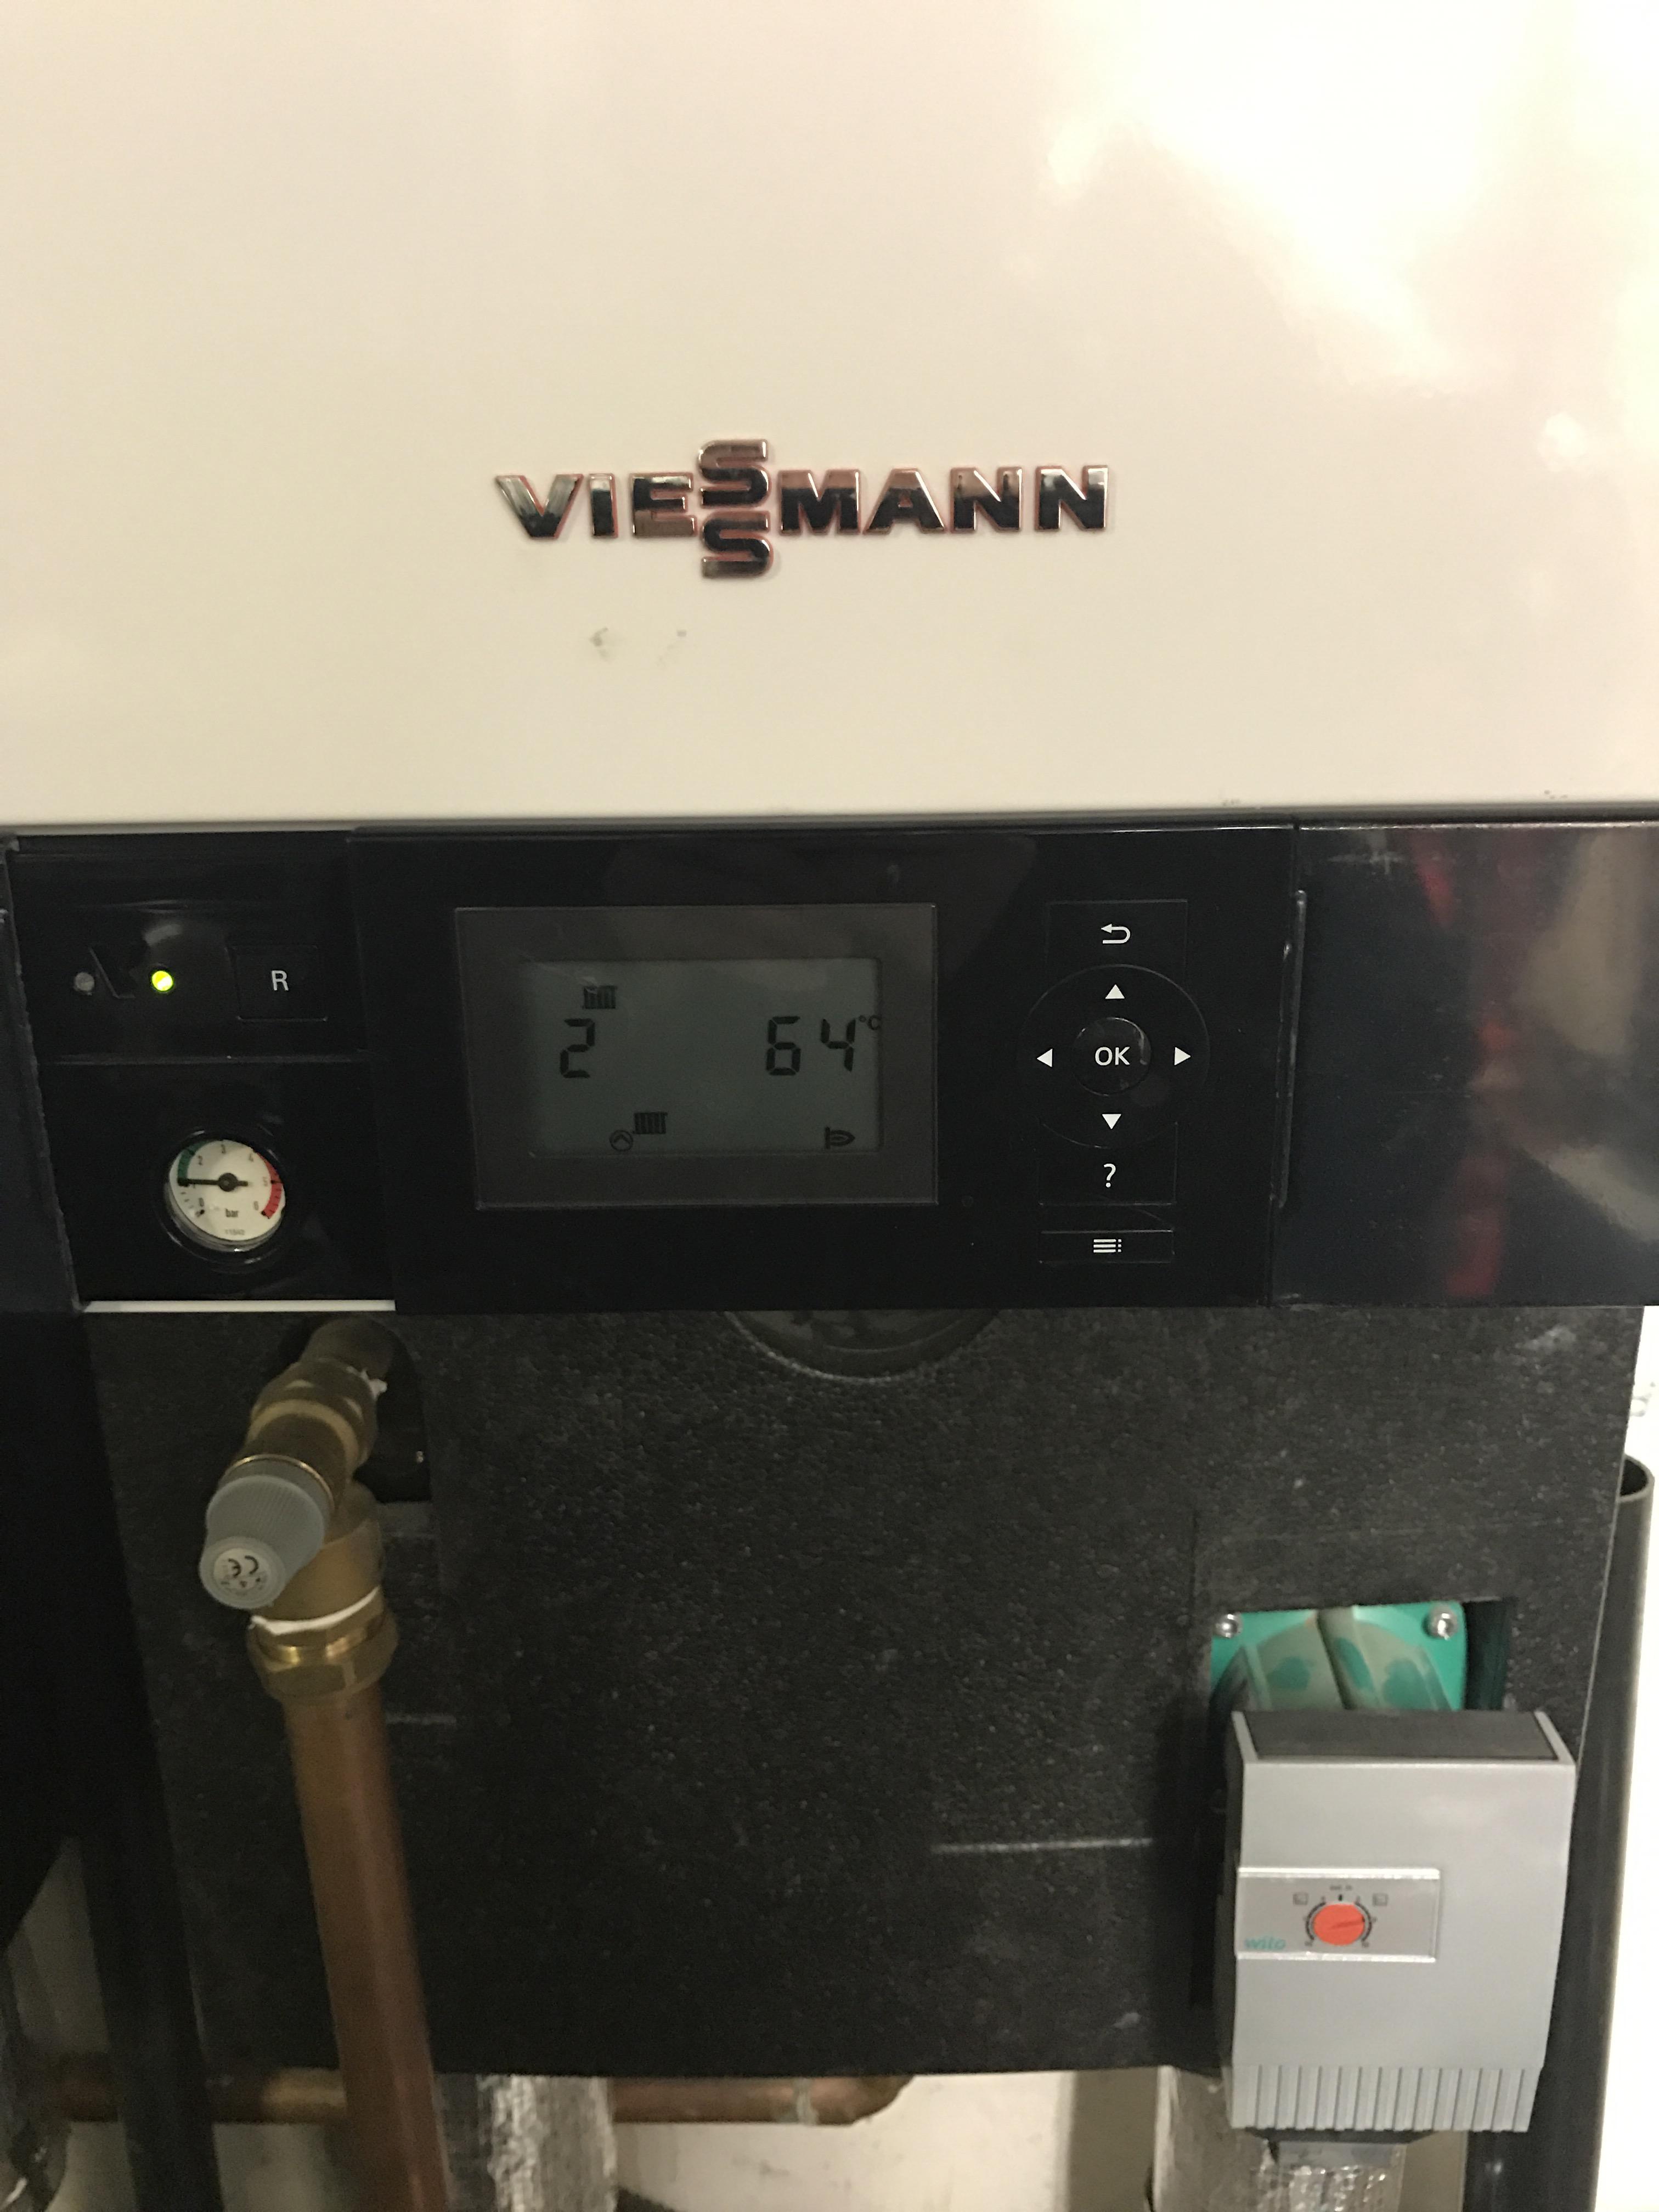 Viessmann High Spec Boilers